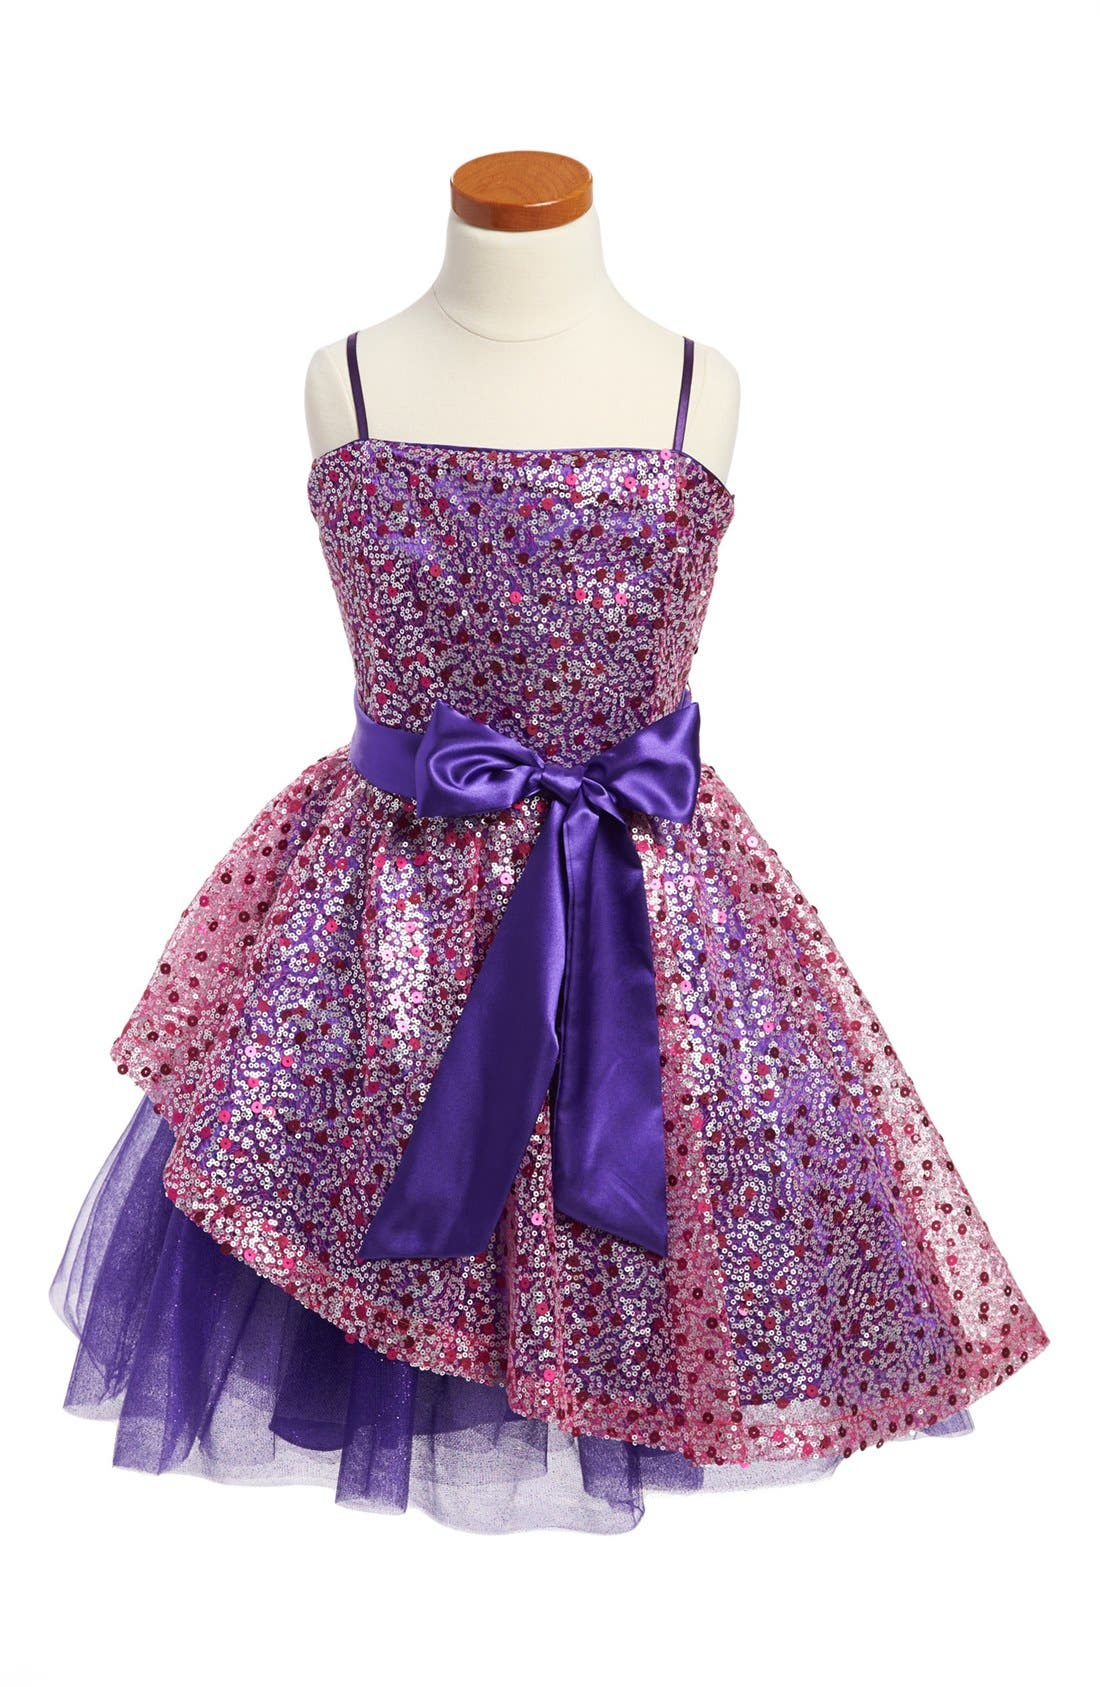 Alternate Image 1 Selected - Un Deux Trois Sequin Dress (Big Girls)